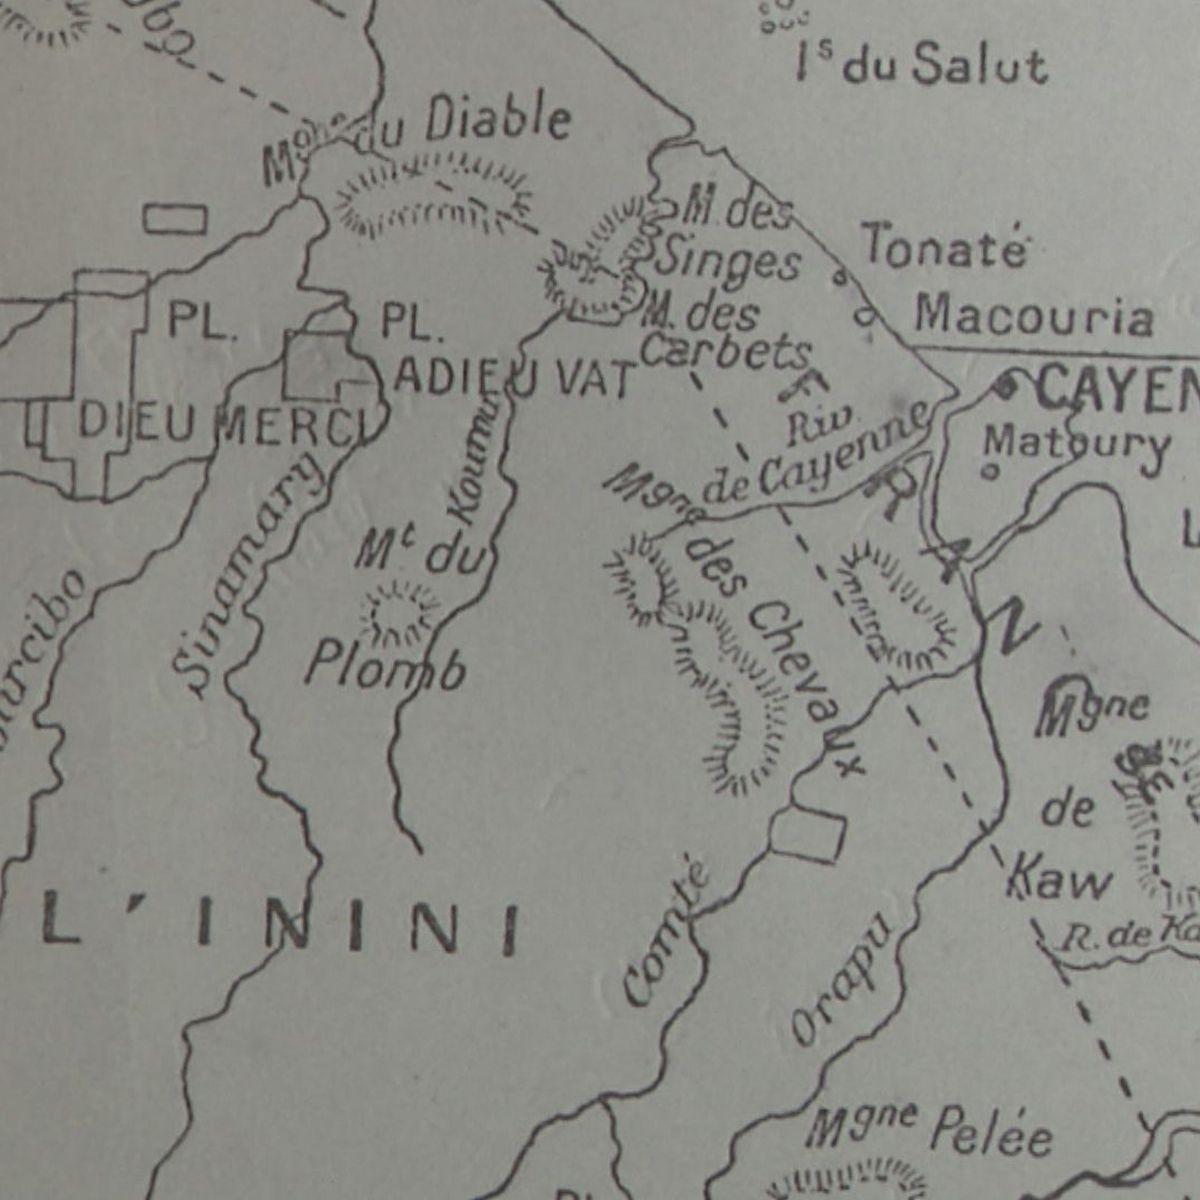 Le cinquantenaire de la suppression du territoire de l'Inini à la CTG